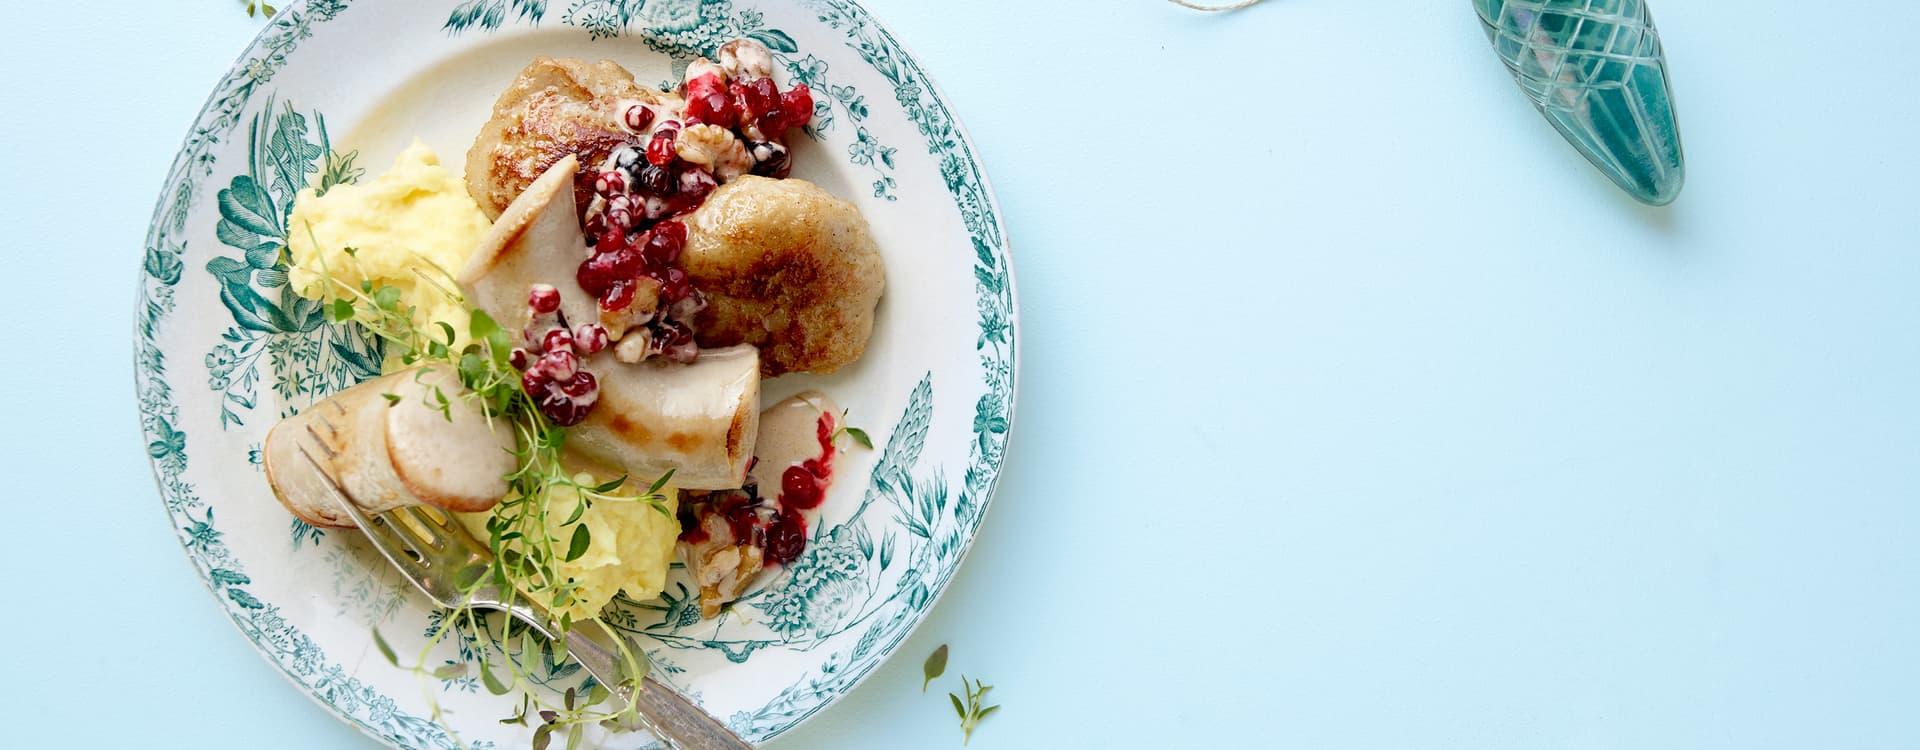 Medisterkake- og julepølsetallerken med mandelpotetpuré og tyttebærsaus